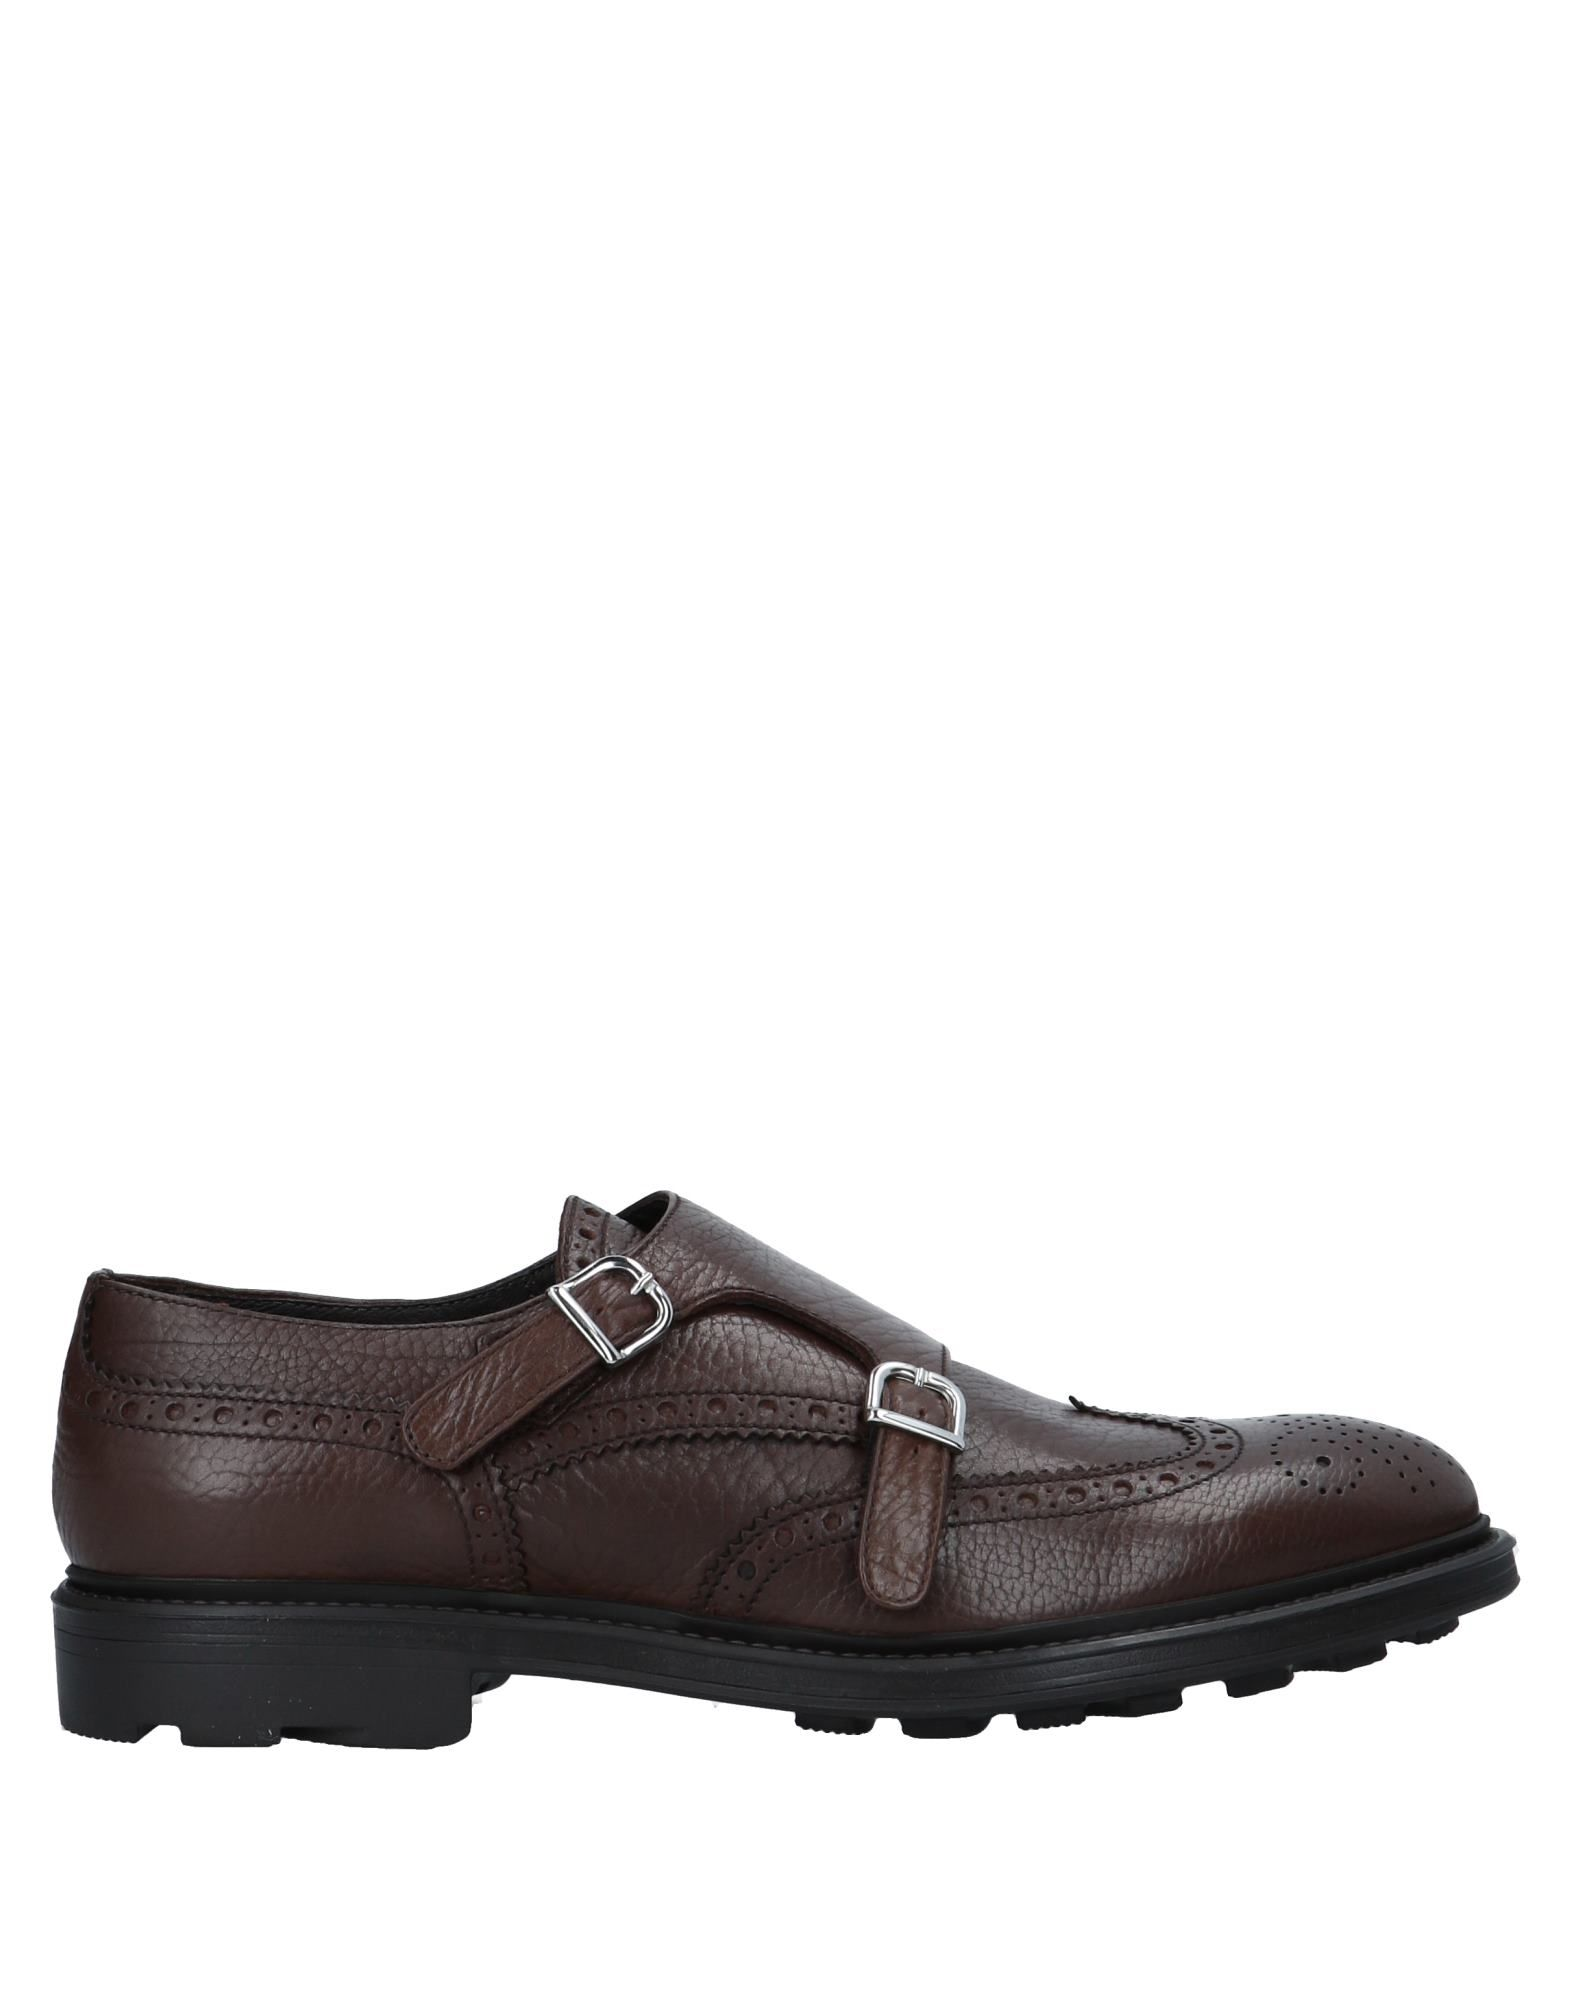 Doucal's Mokassins Herren  11544253LR Schuhe Gute Qualität beliebte Schuhe 11544253LR 8526cb